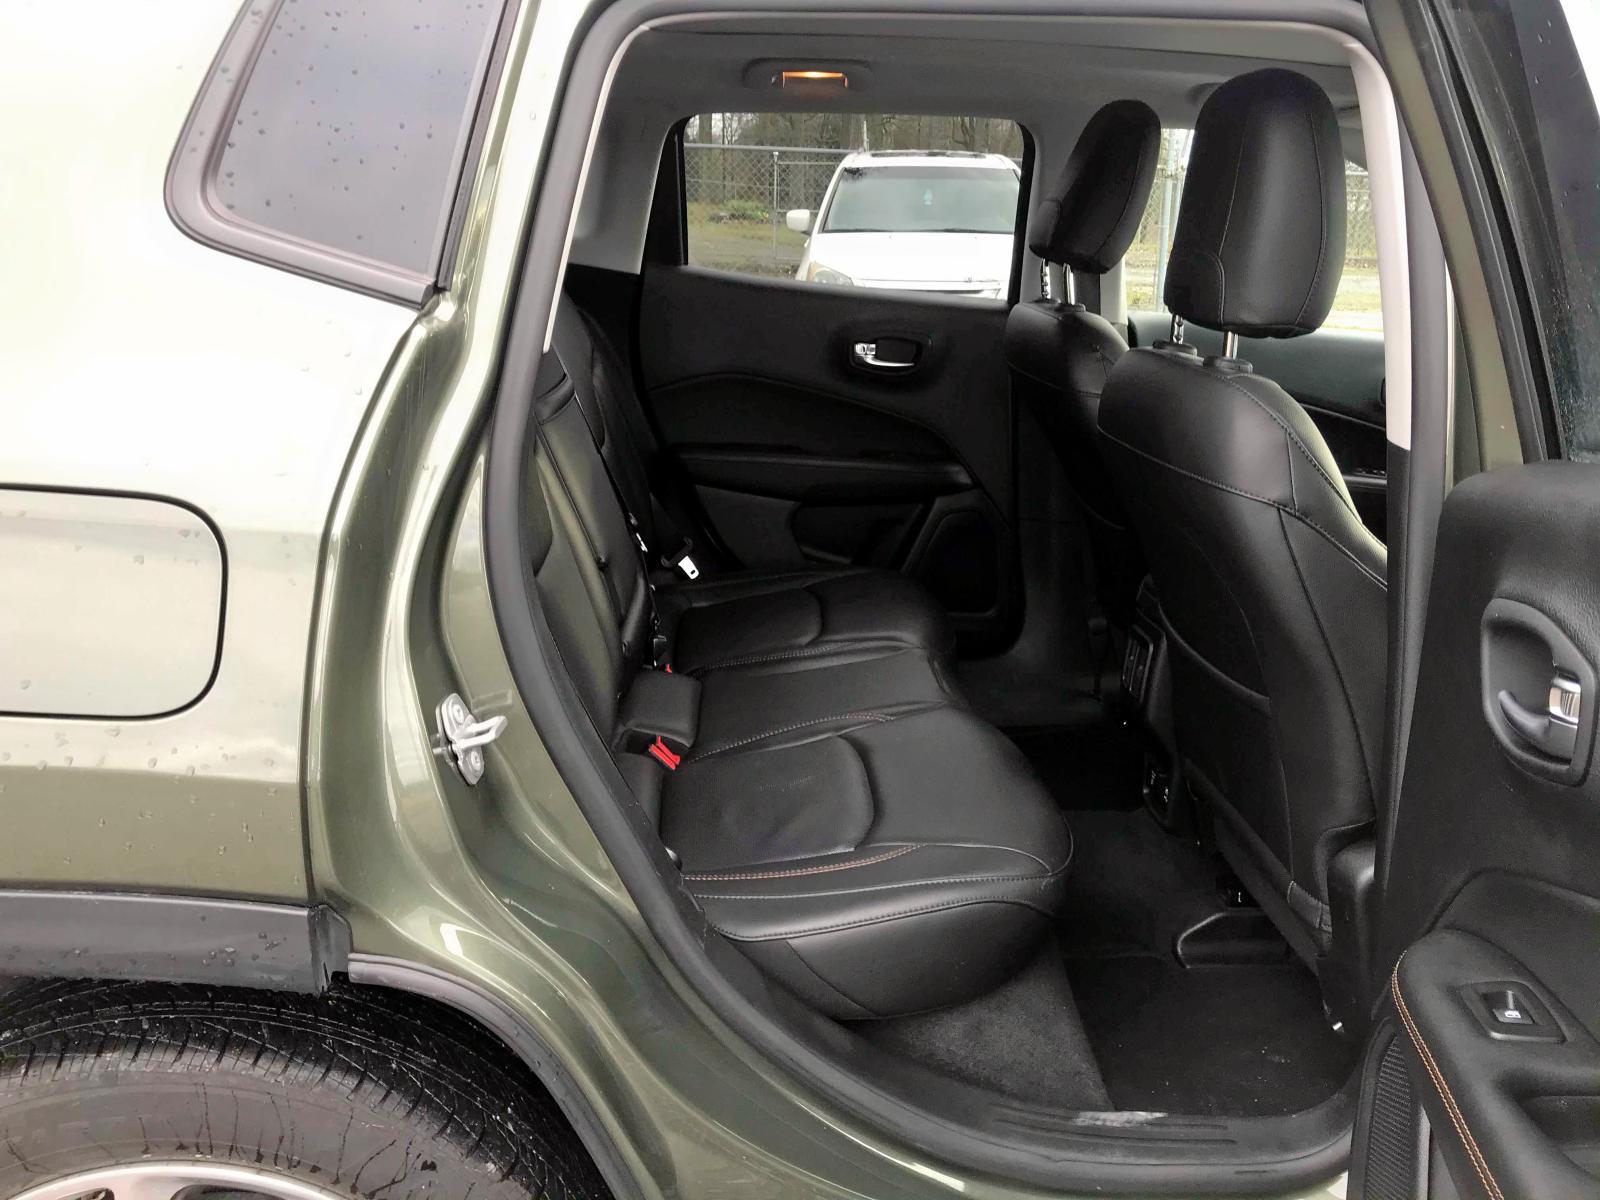 3C4NJCCB6JT240465 - 2018 Jeep Compass Li 2.4L detail view